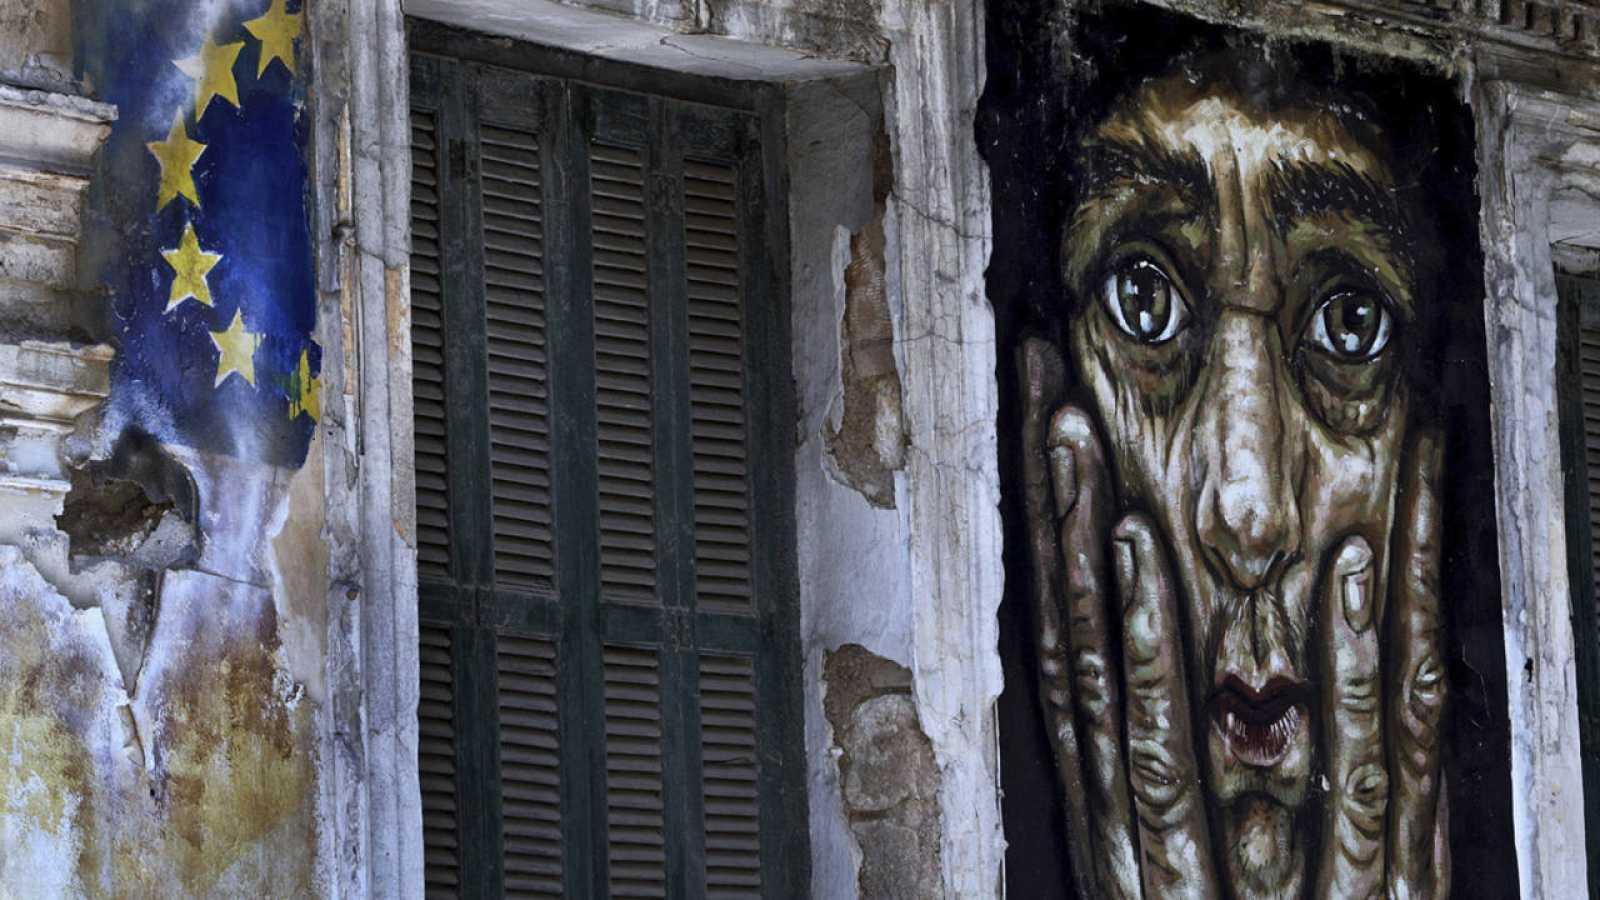 Pintada en un edificio de la bandera de la Unión Europea junto a un retrato en una pared de Atenas